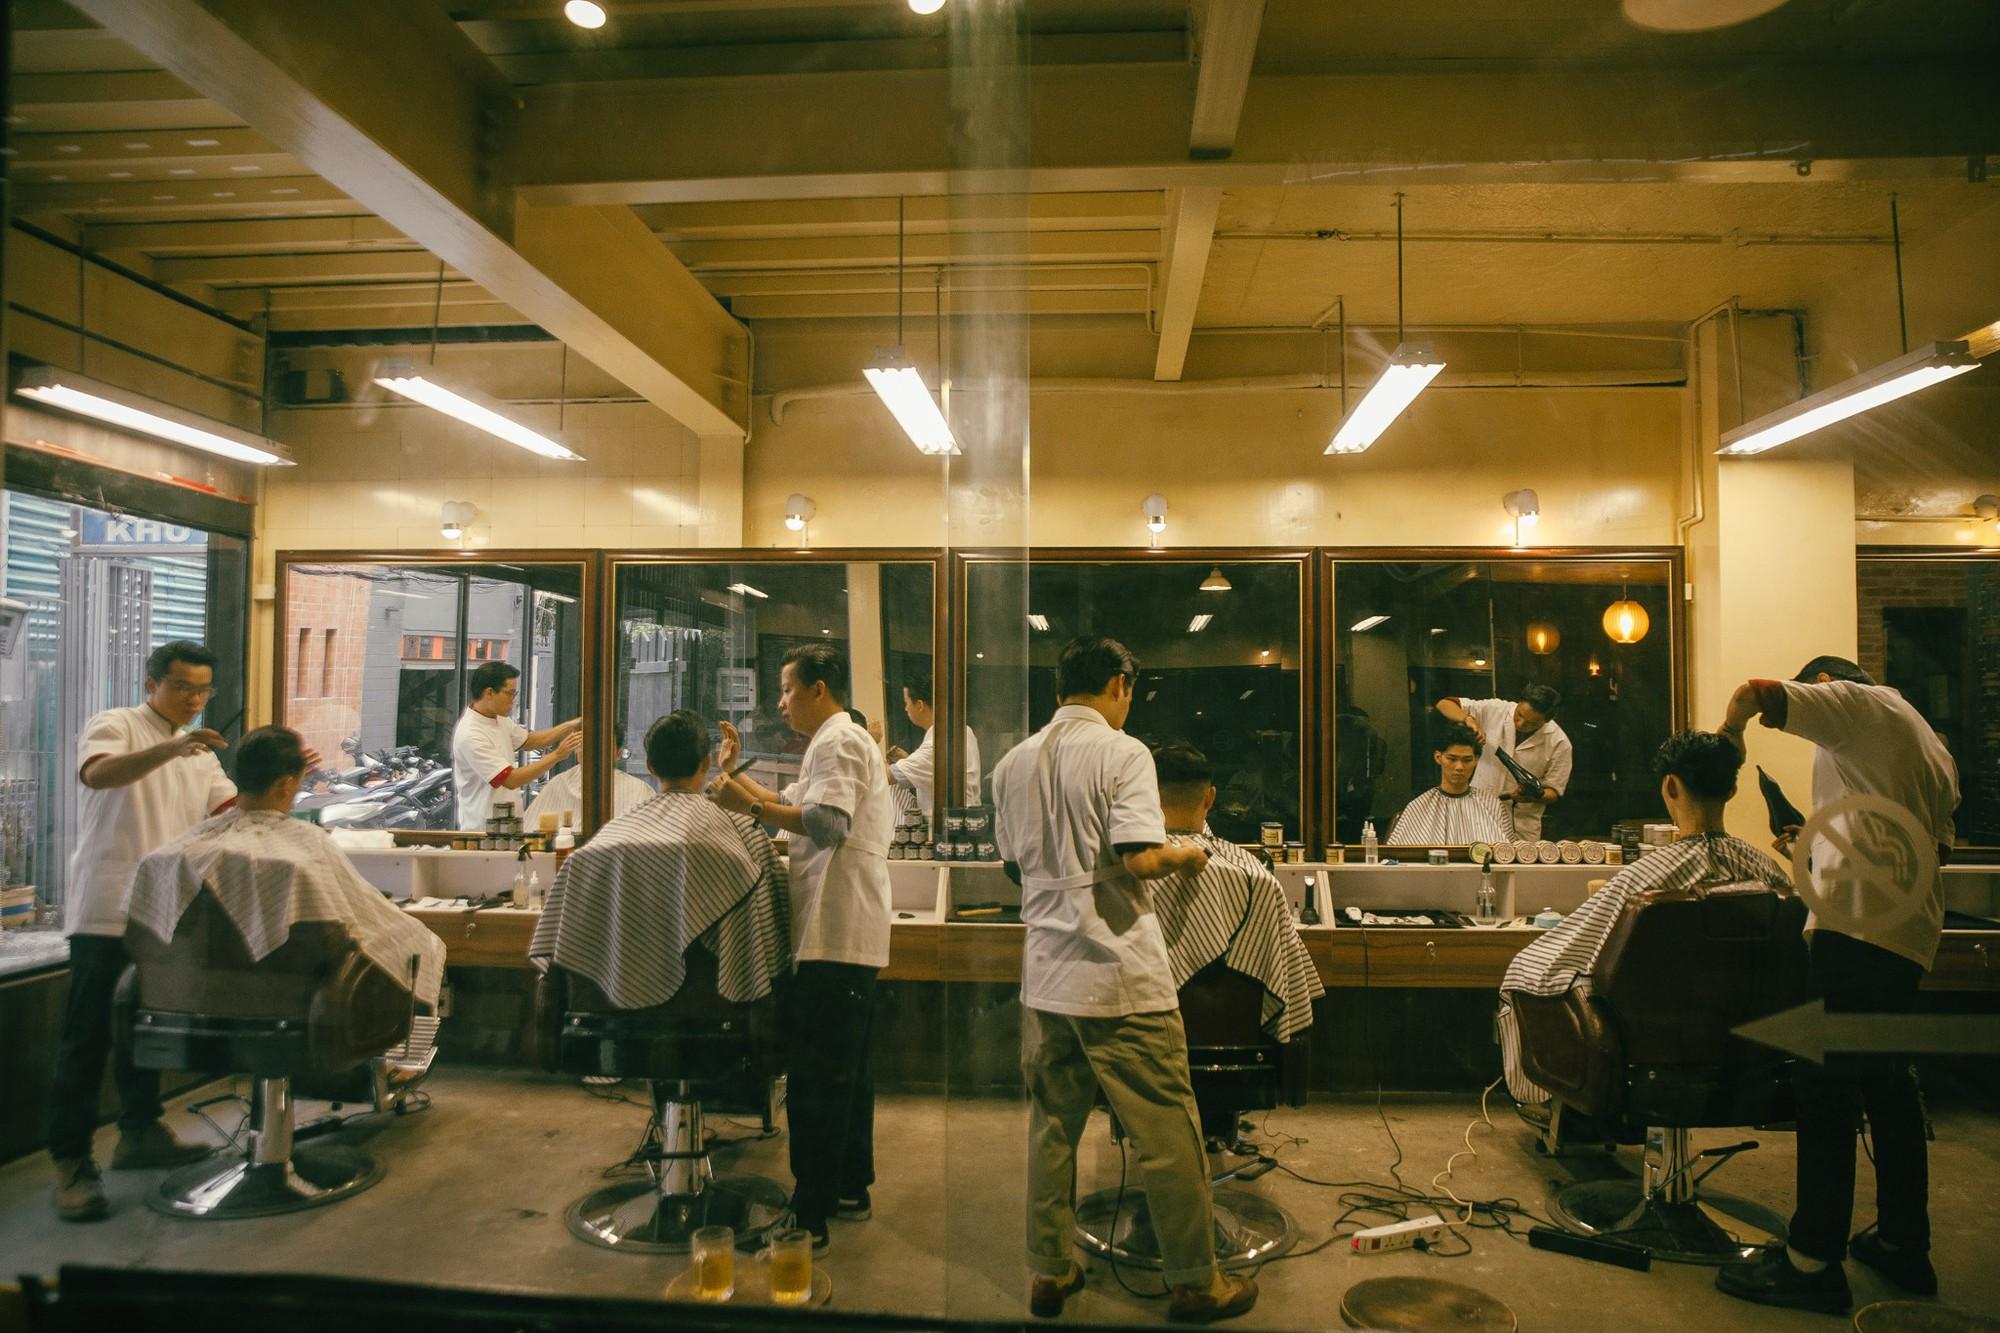 Ở Sài Gòn, nhất định phải thử ghé qua 3 tiệm này cắt tóc để trải nghiệm văn hoá quý ông - Ảnh 16.